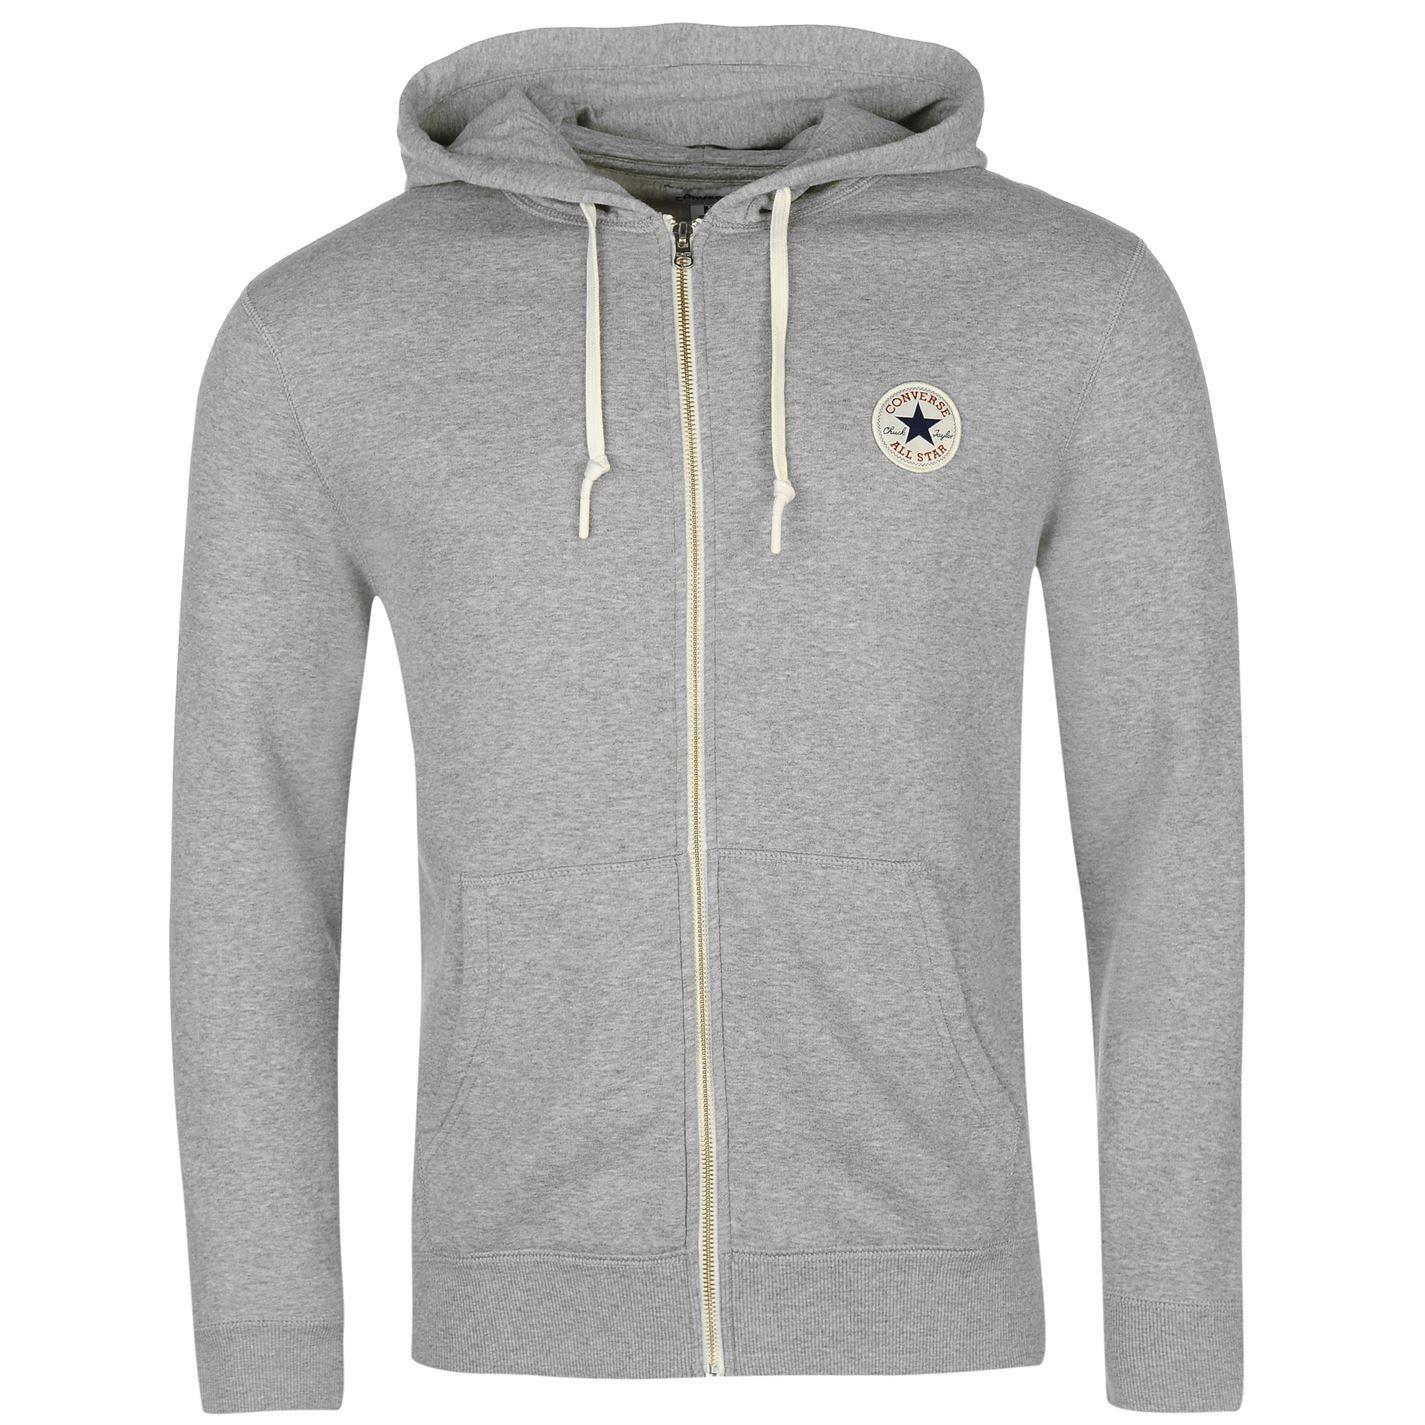 thumbnail 19 - Converse Core Full Zip Hoody Jacket Mens Hoodie Sweatshirt Sweater Hooded Top